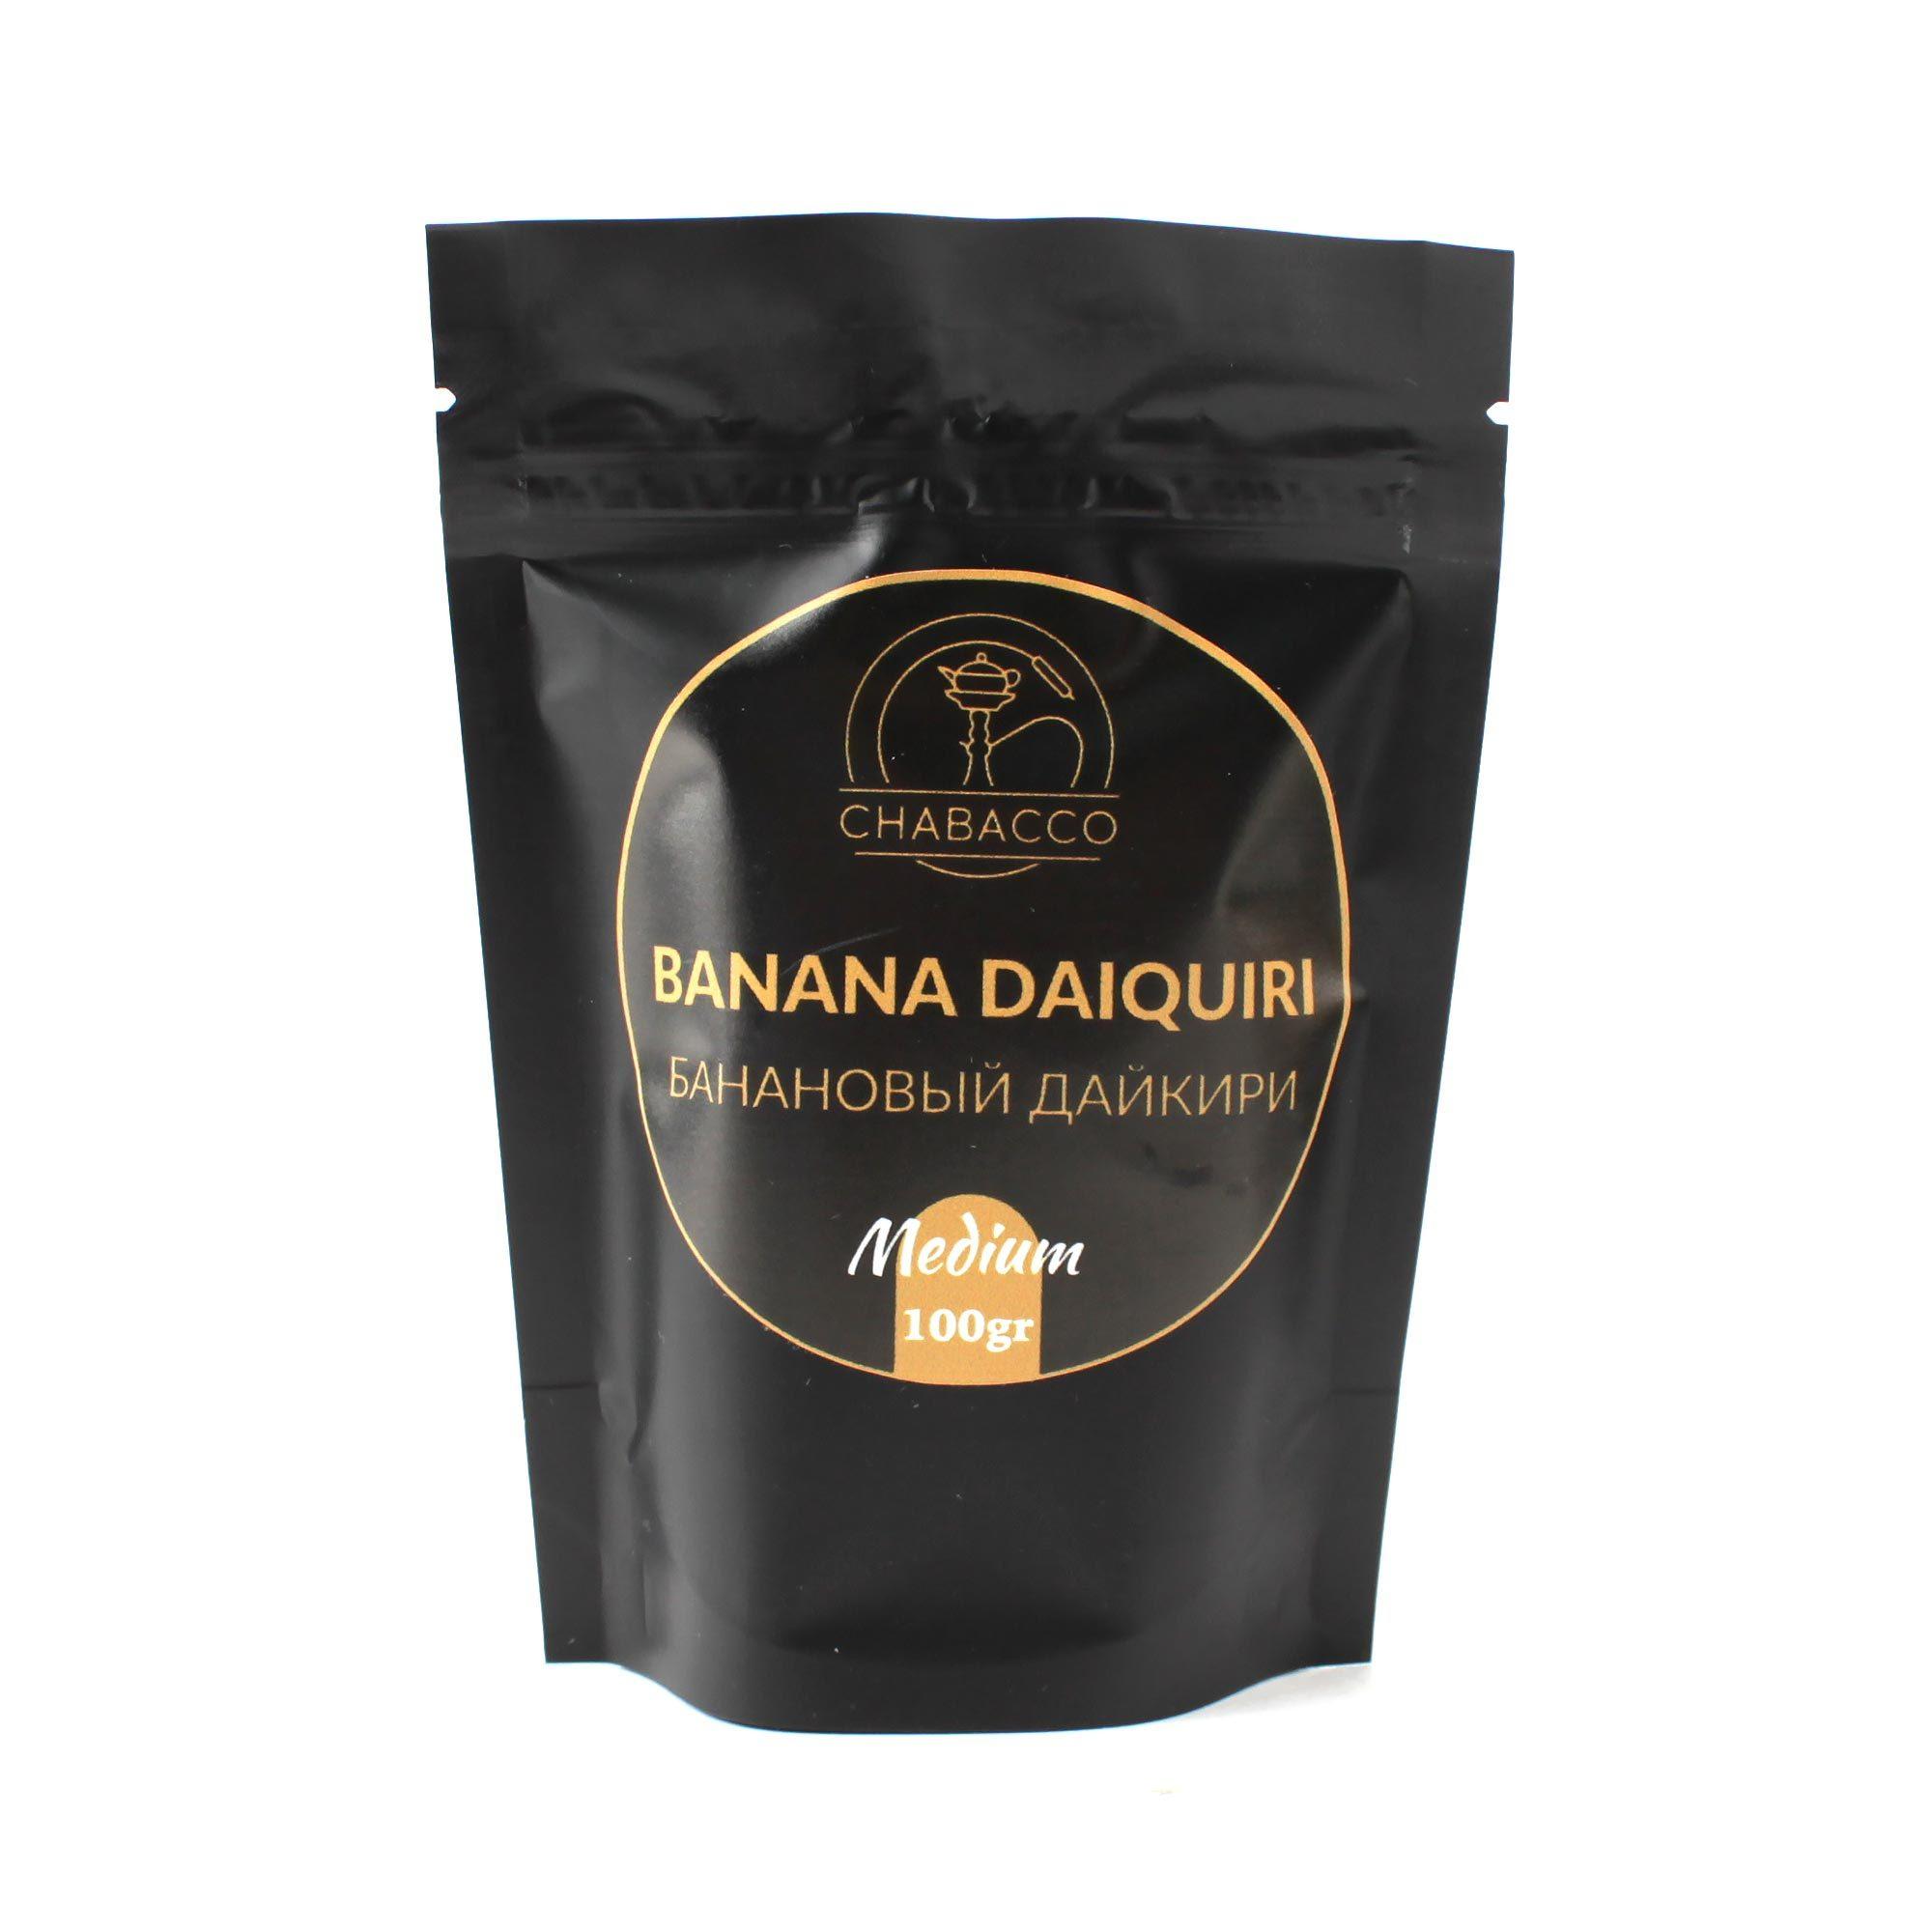 Кальянная смесь Chabacco Medium 100 гр Banana Daiquiri